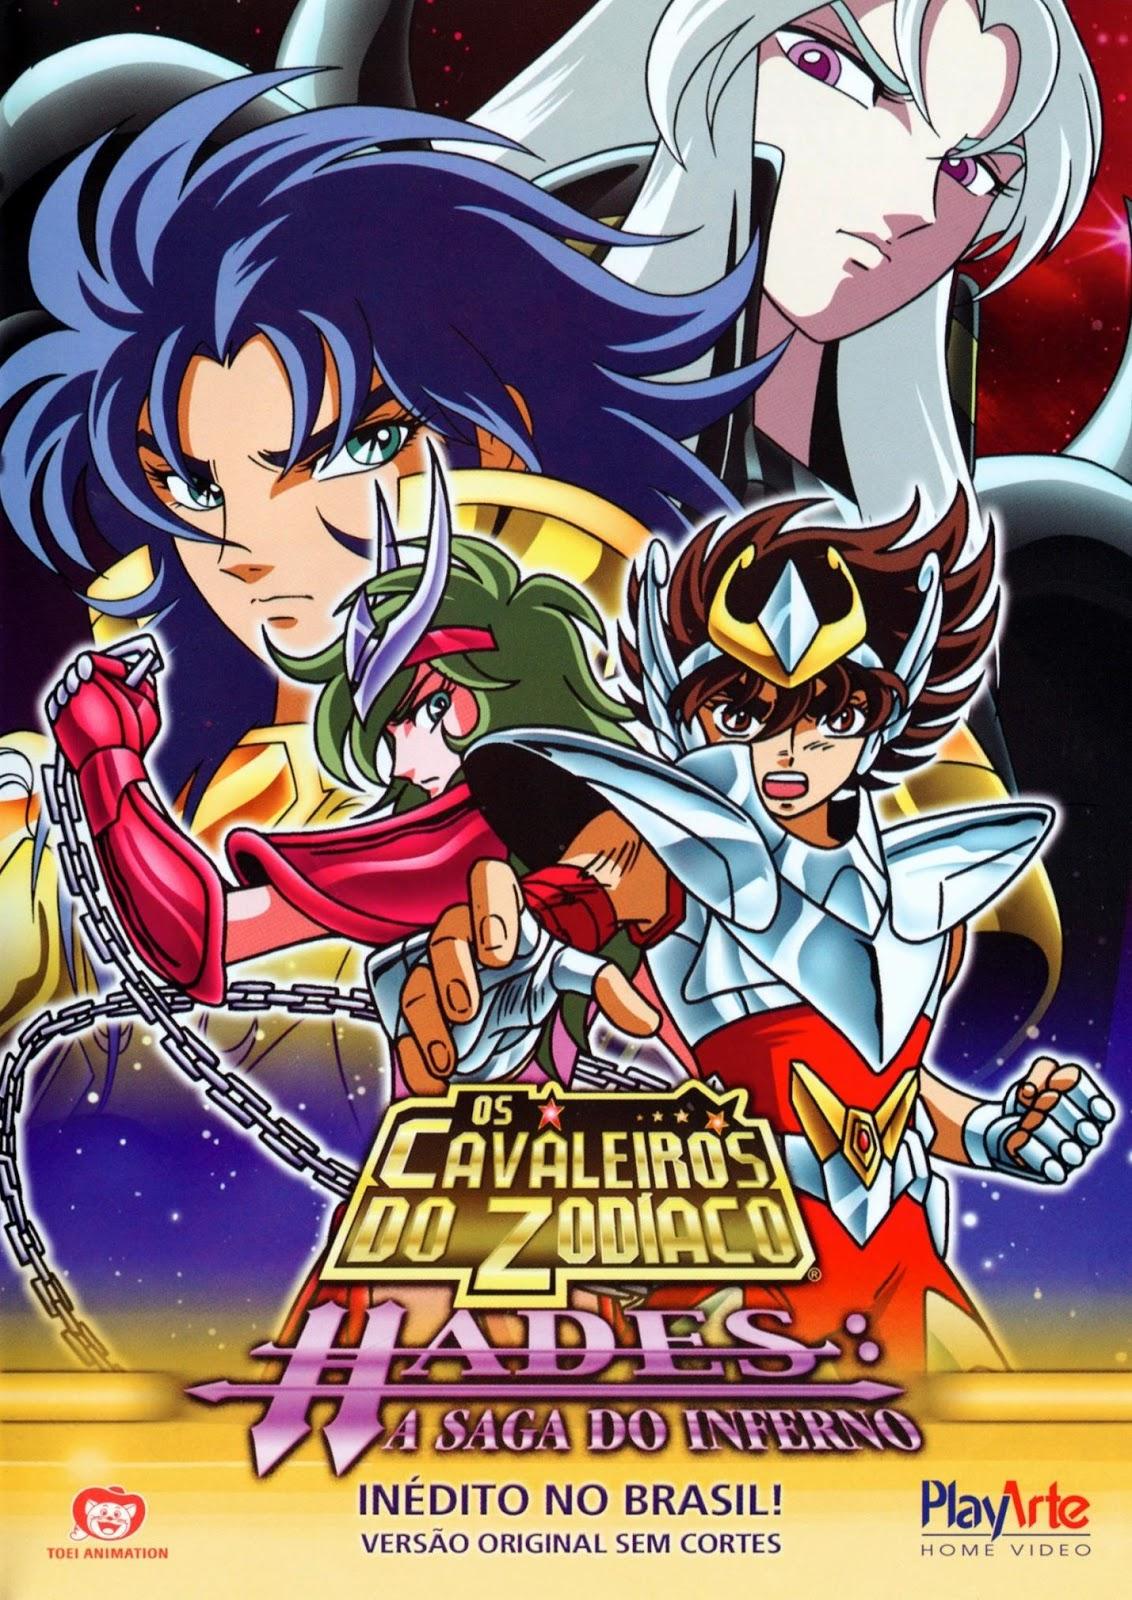 Os Cavaleiros do Zodíaco Hades A Saga do Inferno (2004) Dublado BluRay 1080p Download Torrent